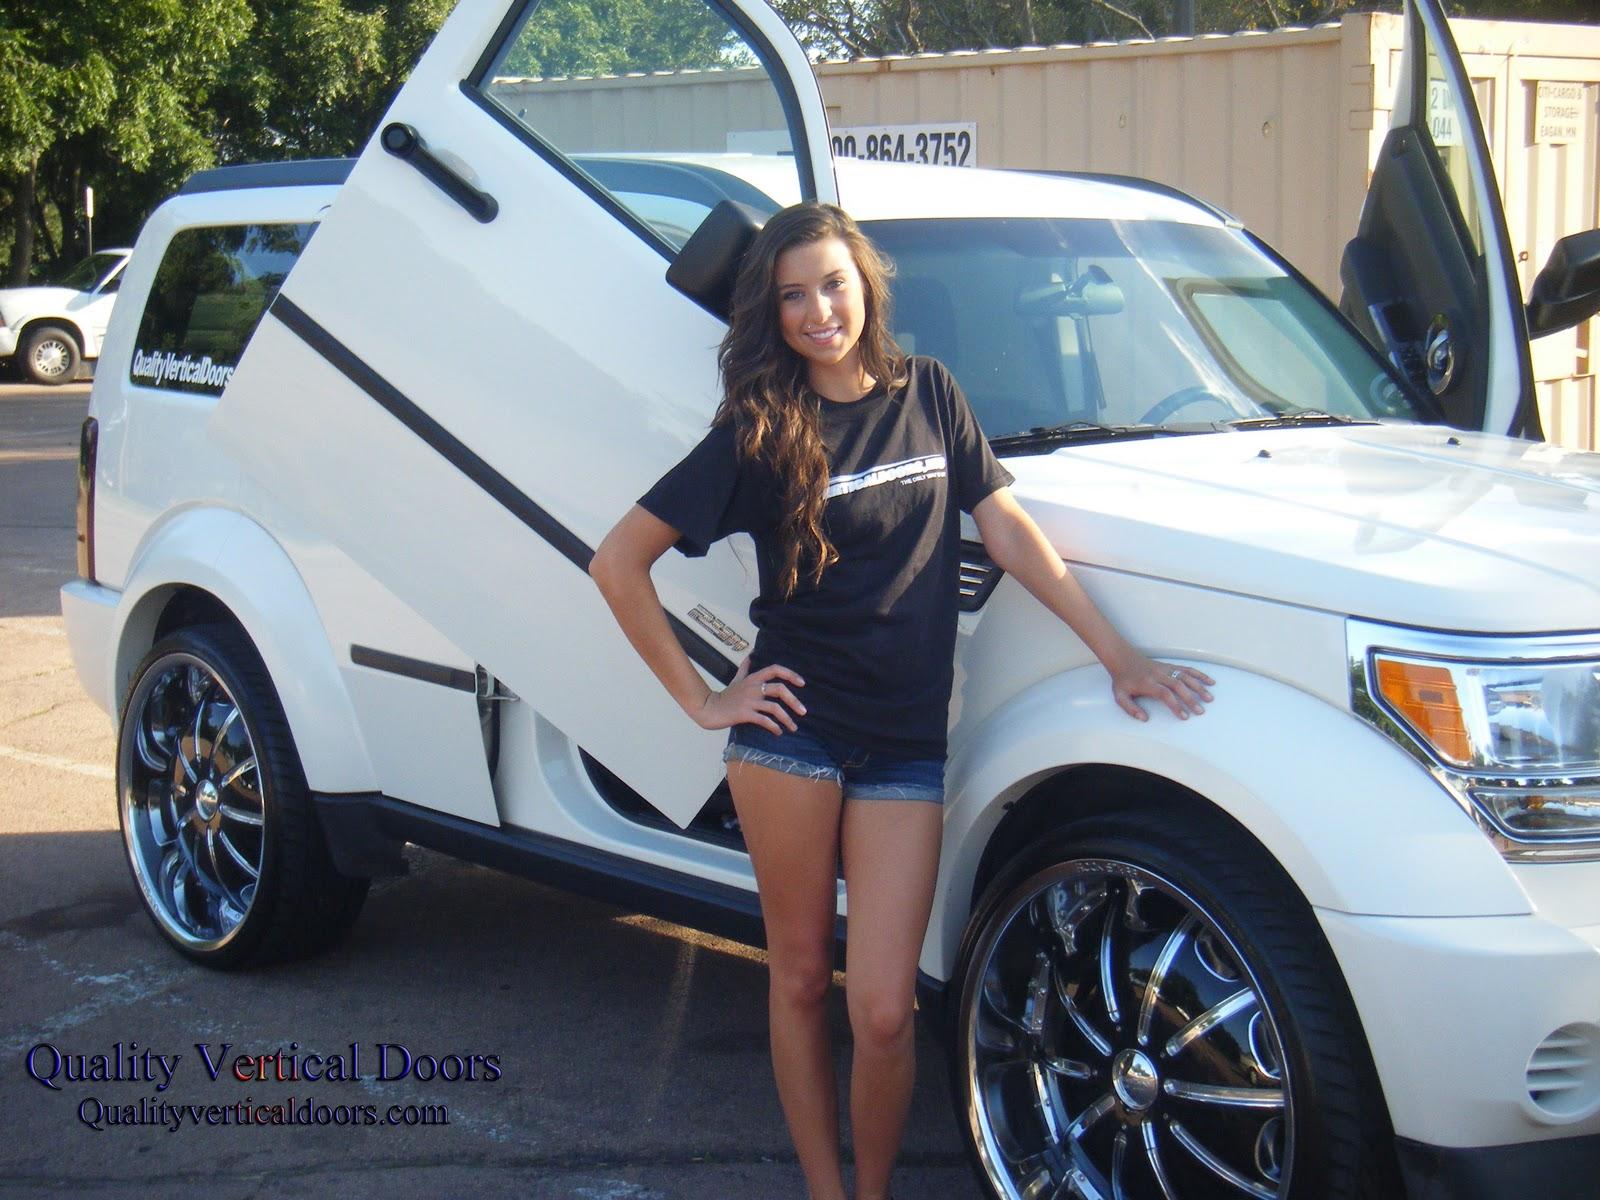 Model Sponsoring Vertical Doors Inc Brand Bolt On Lambo Door Kits